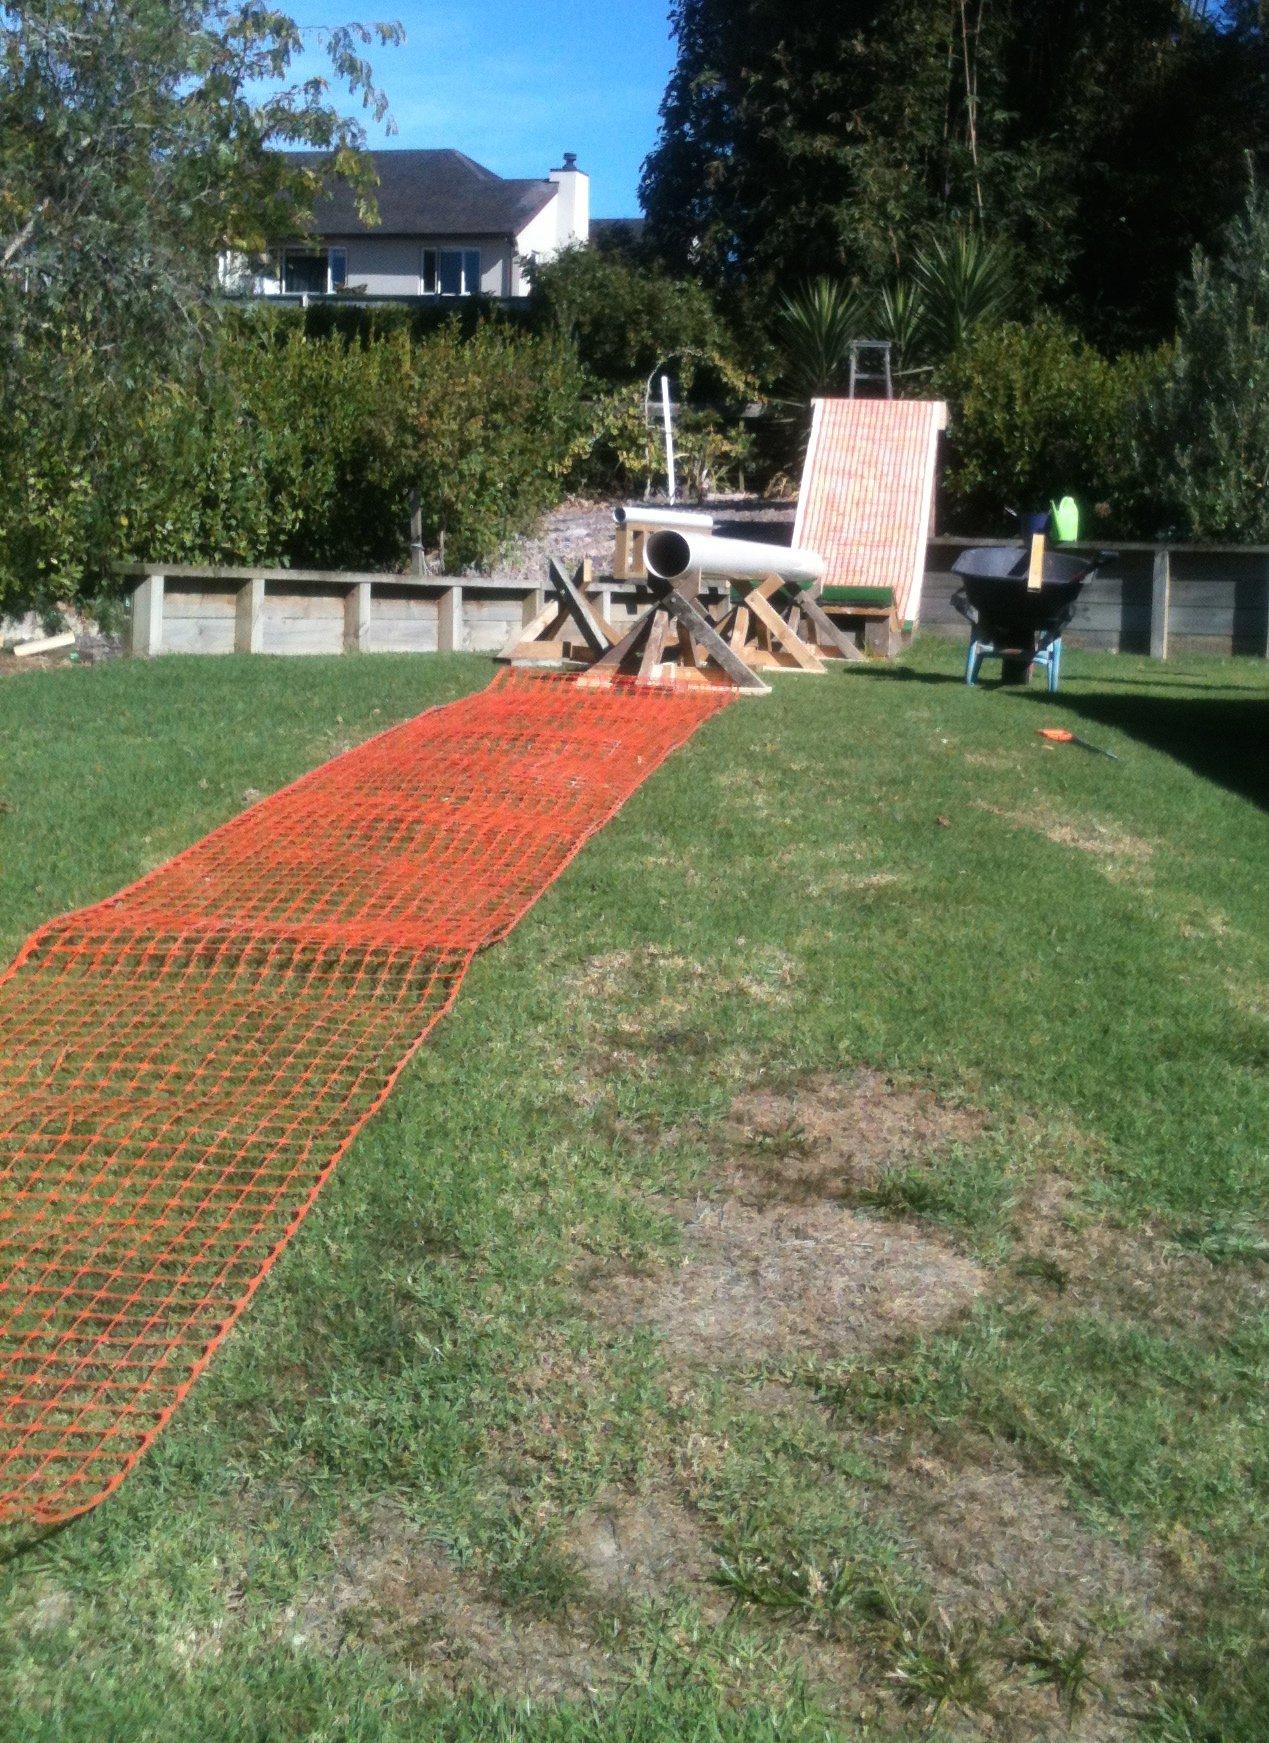 Just finished my backyard setup